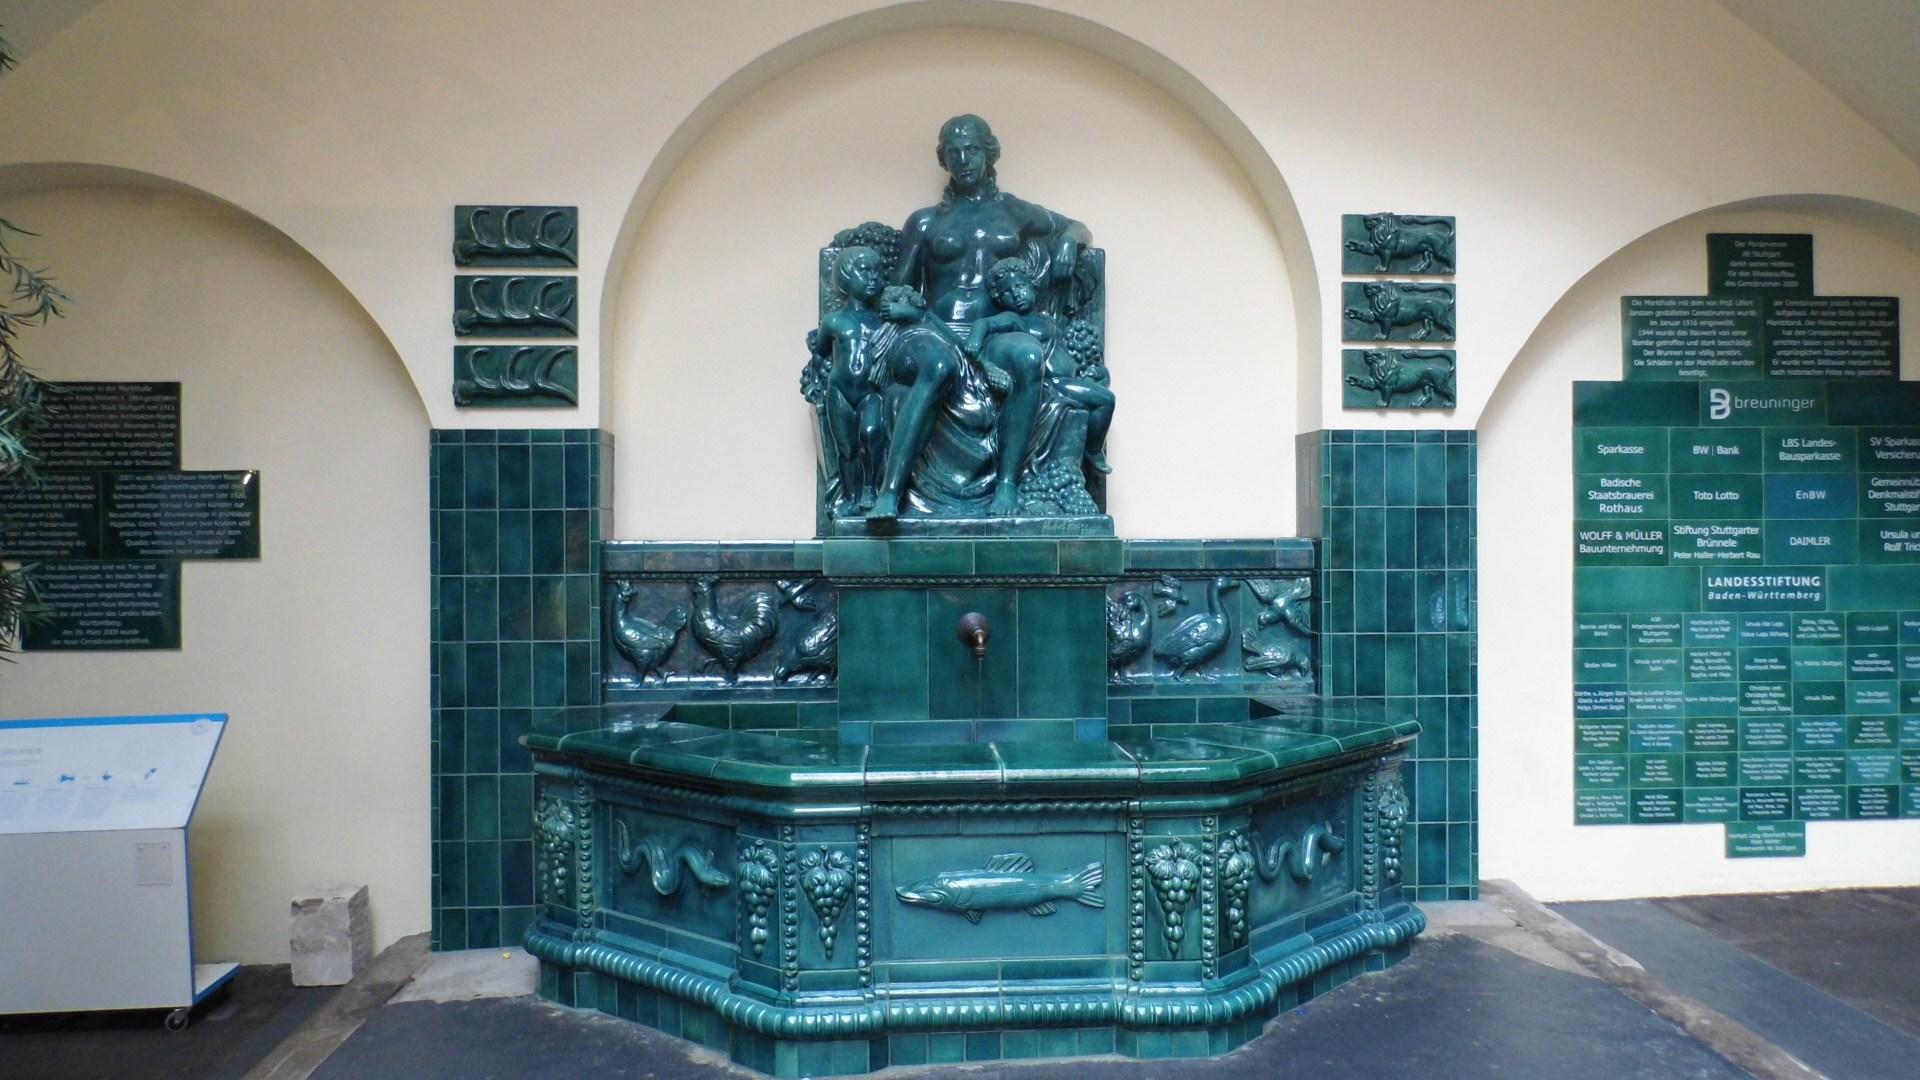 Ceresbrunnen in der Markthalle